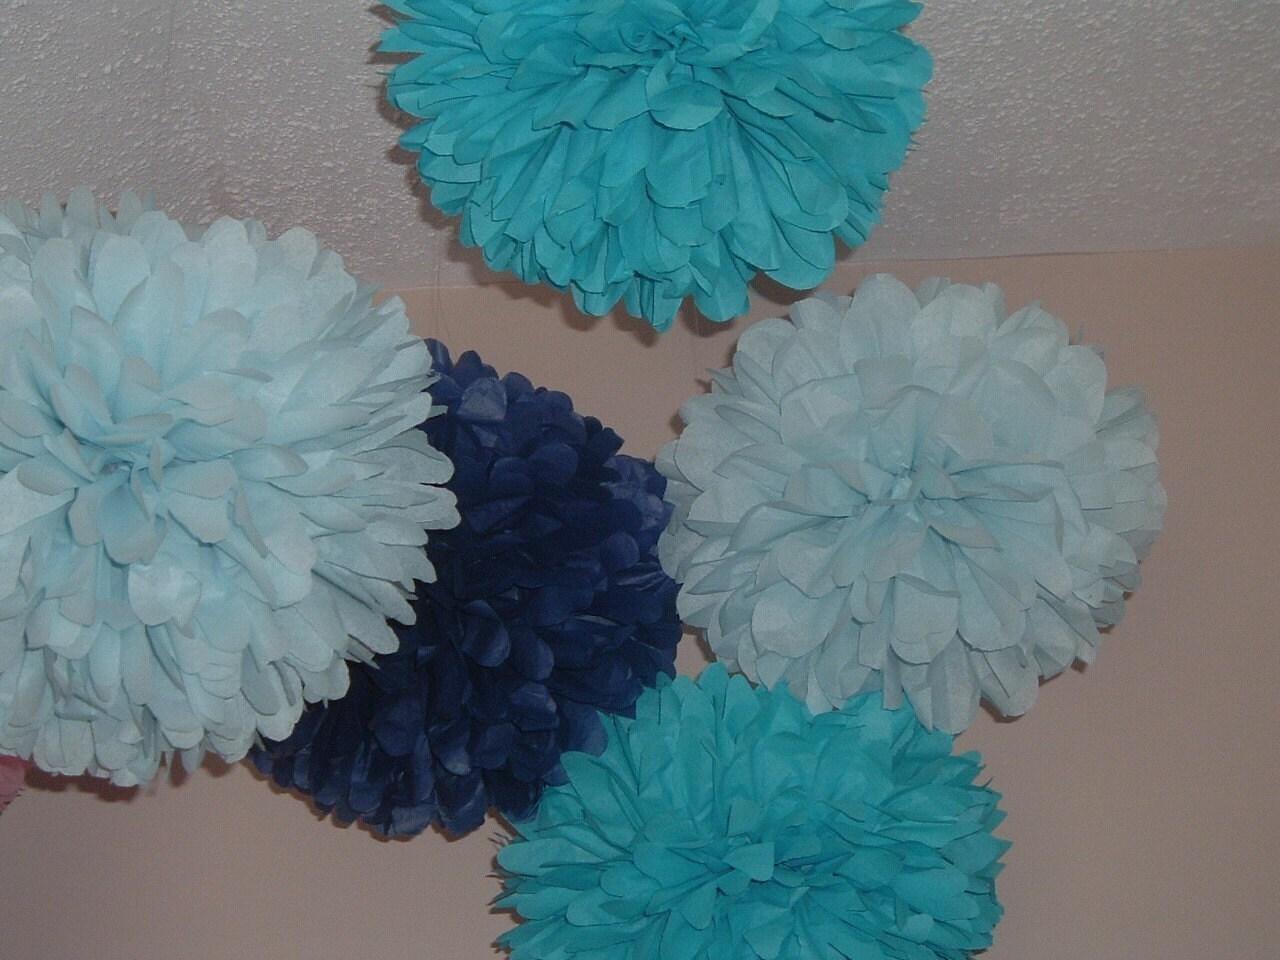 tissue paper poms pom poms paper pom wedding decorations. Black Bedroom Furniture Sets. Home Design Ideas